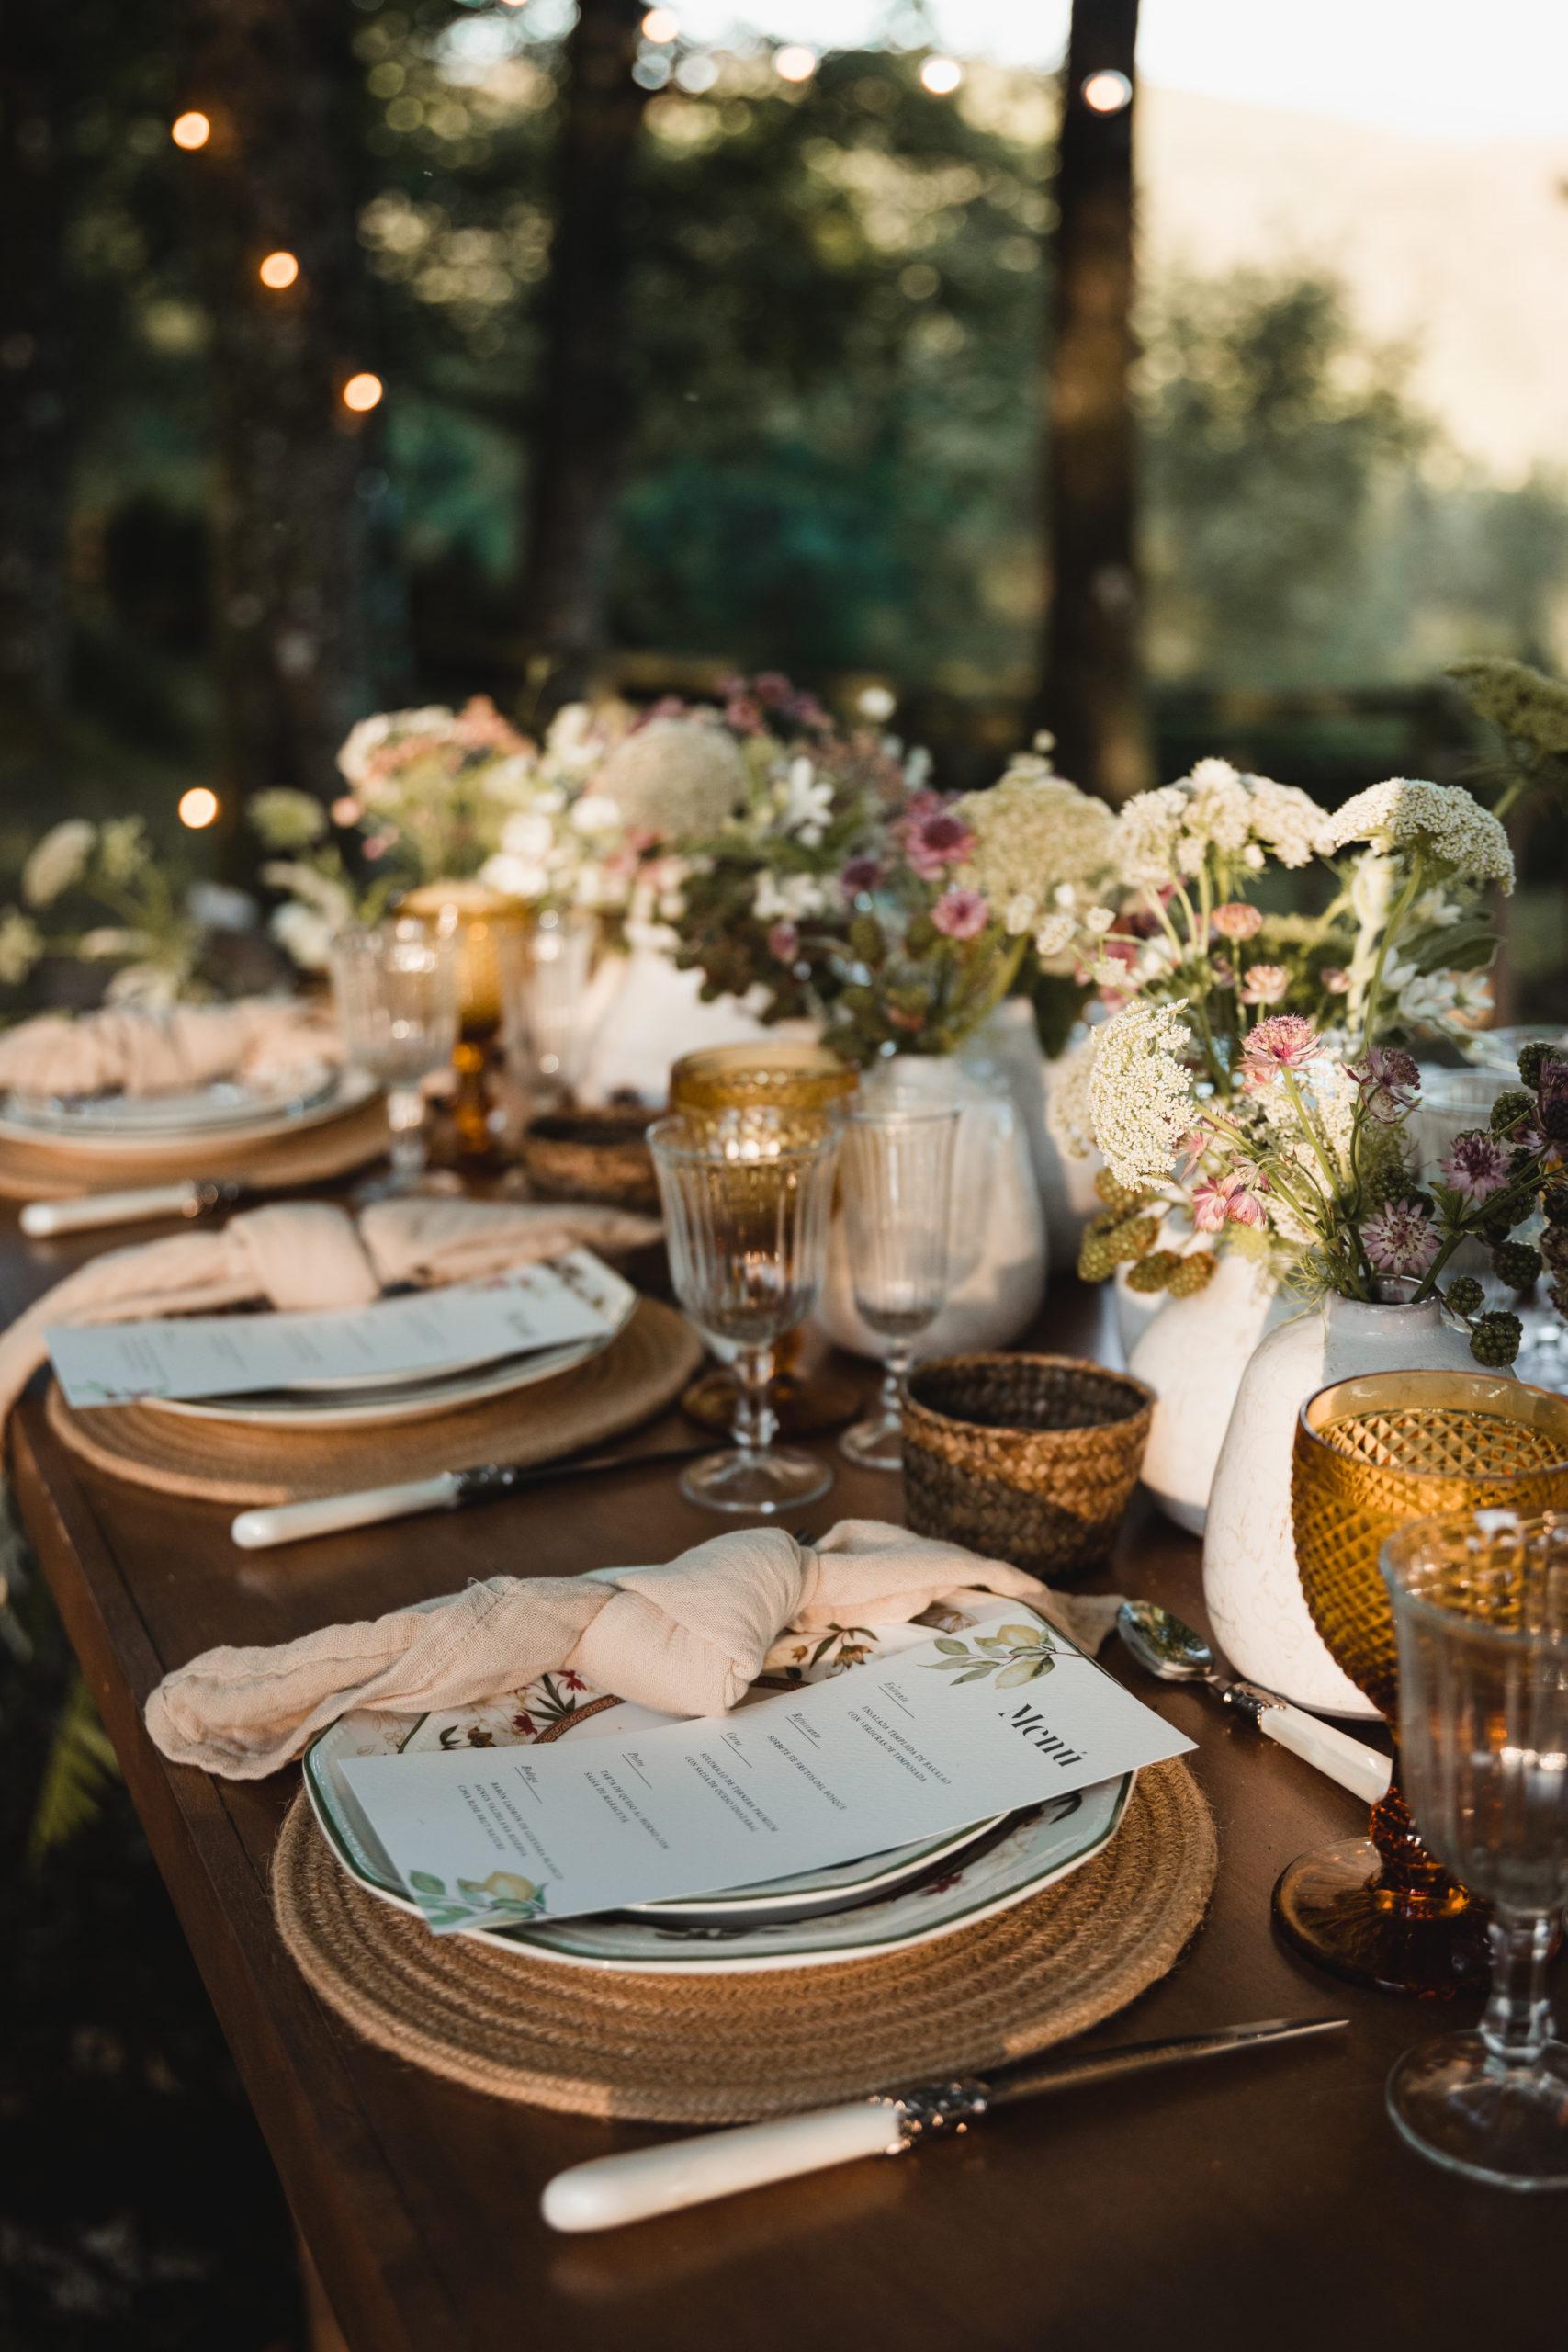 Menaje nupcial y decoración para una boda en la montaña